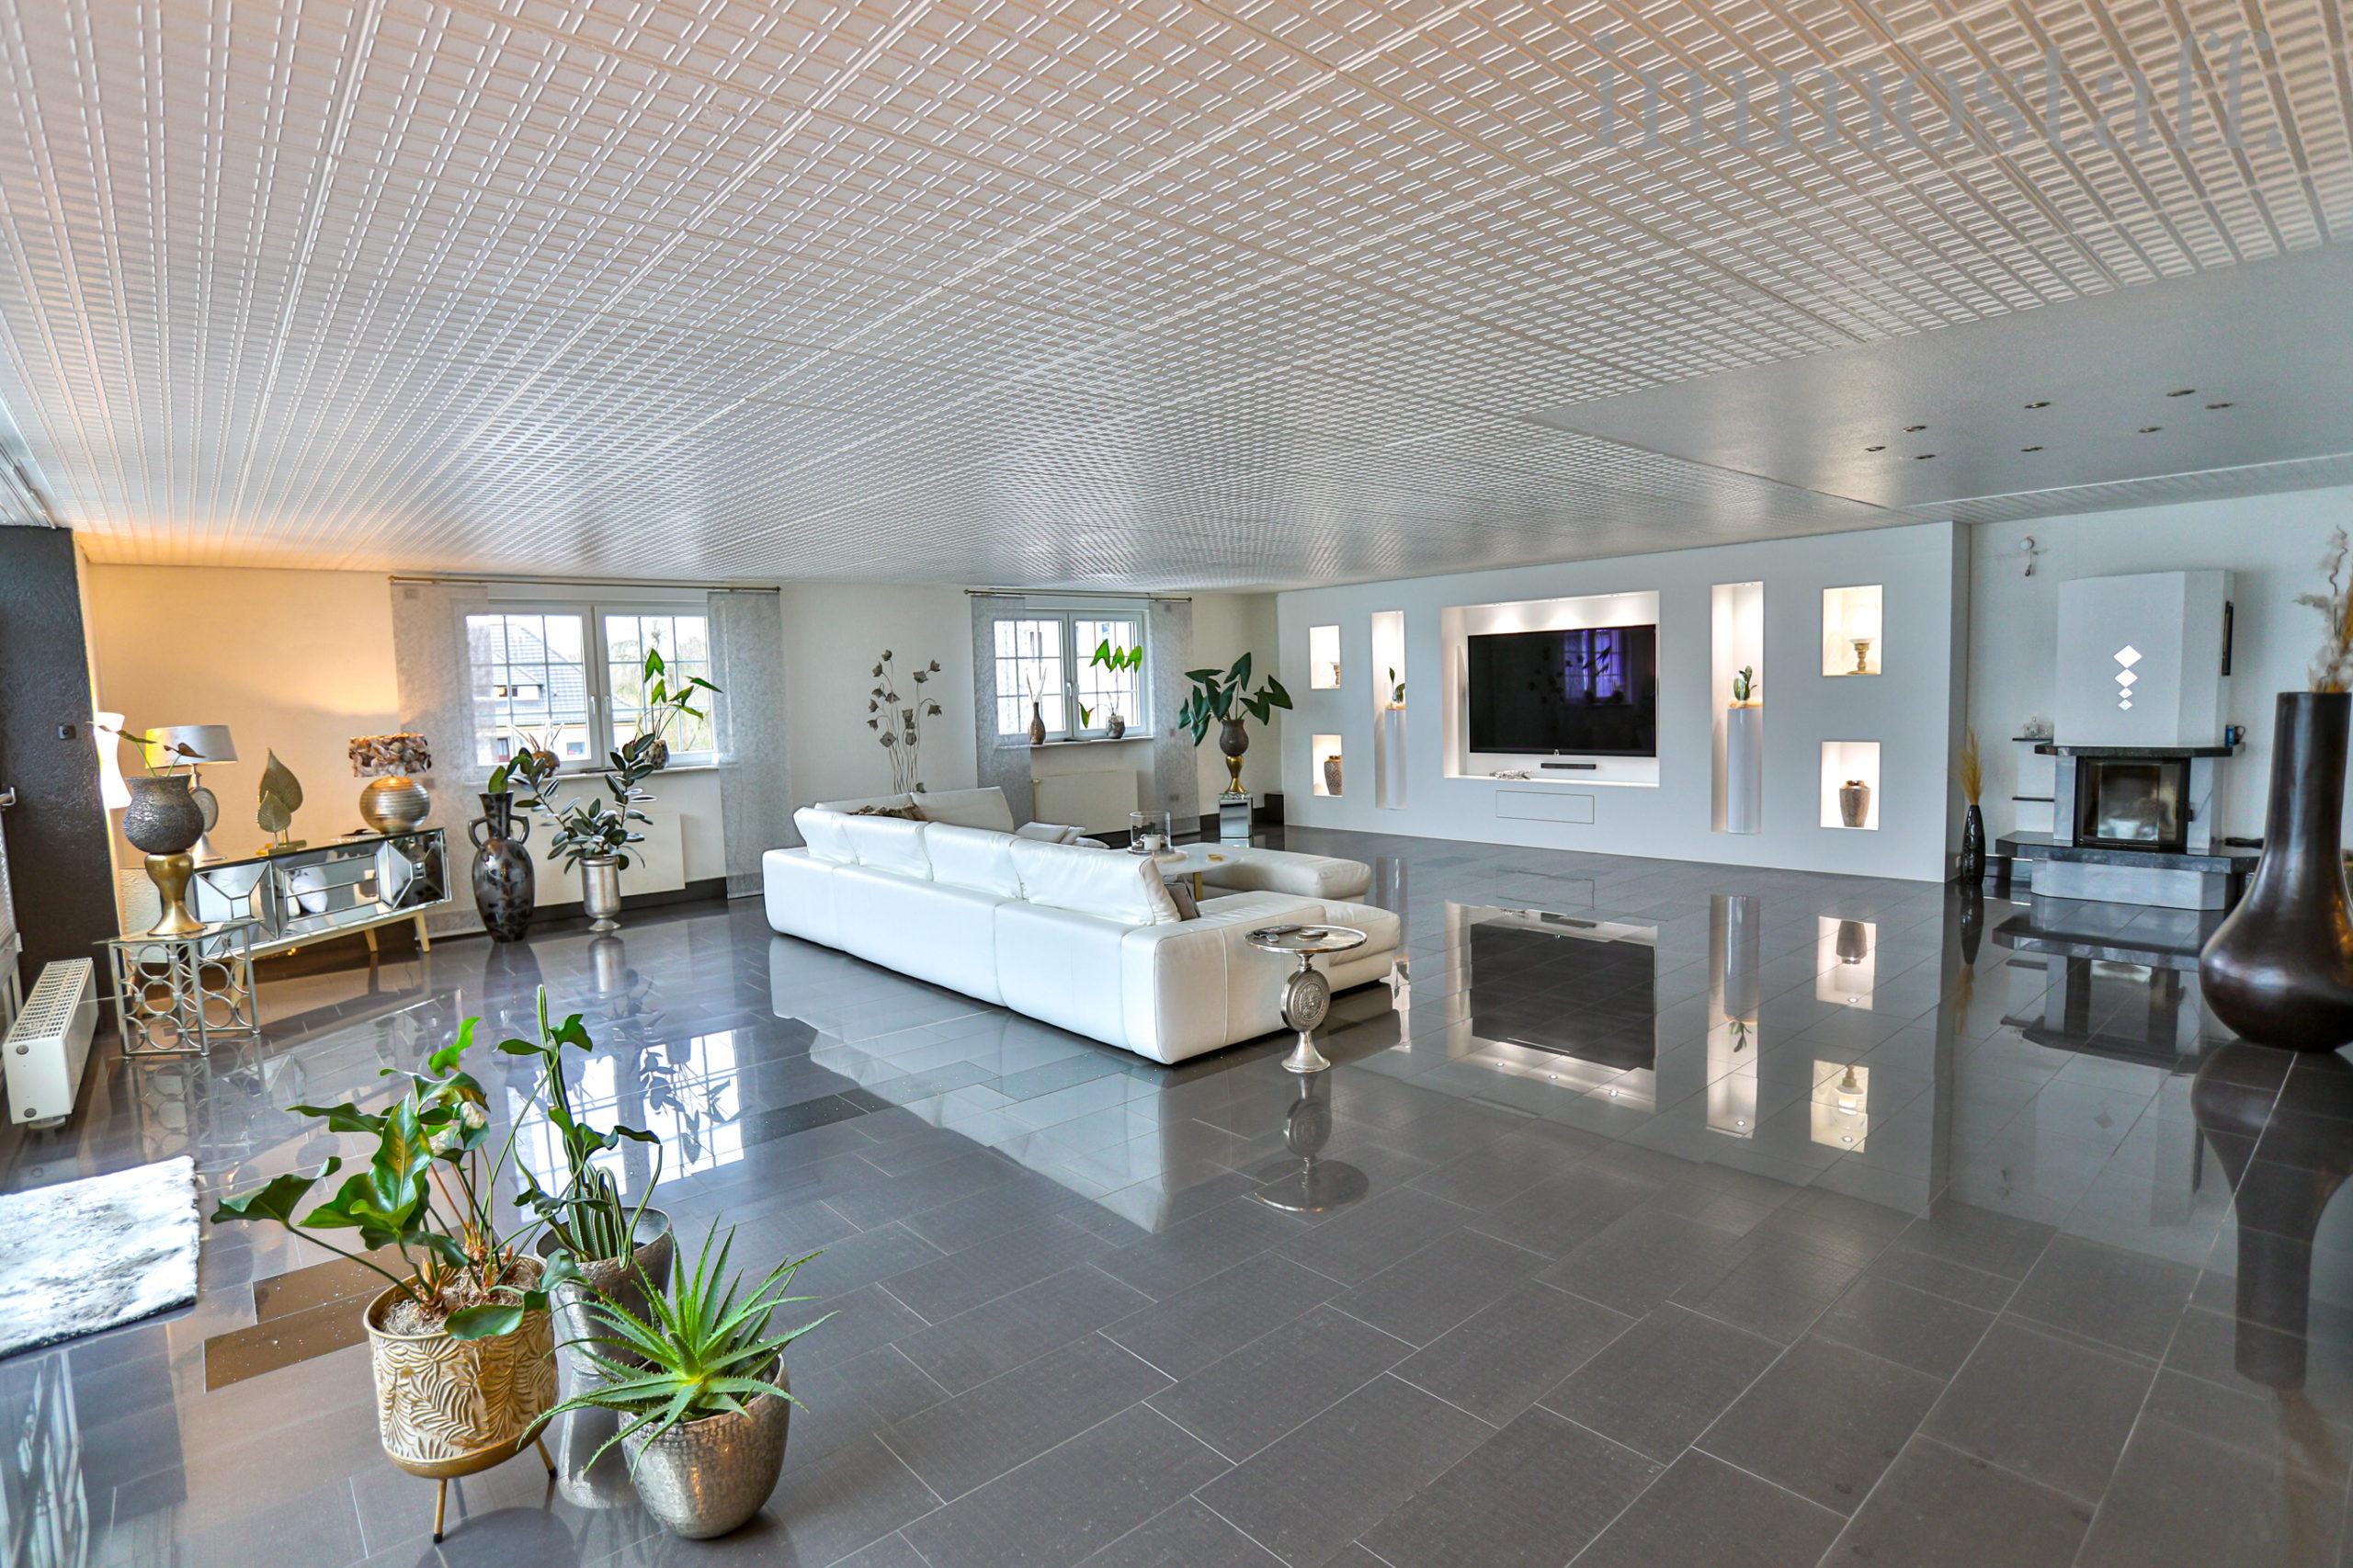 RARITÄT IN DER INNENSTADT! Exklusives Wohn- & Geschäftshaus mit 1 Ladenlokal & 3 Wohneinheiten!